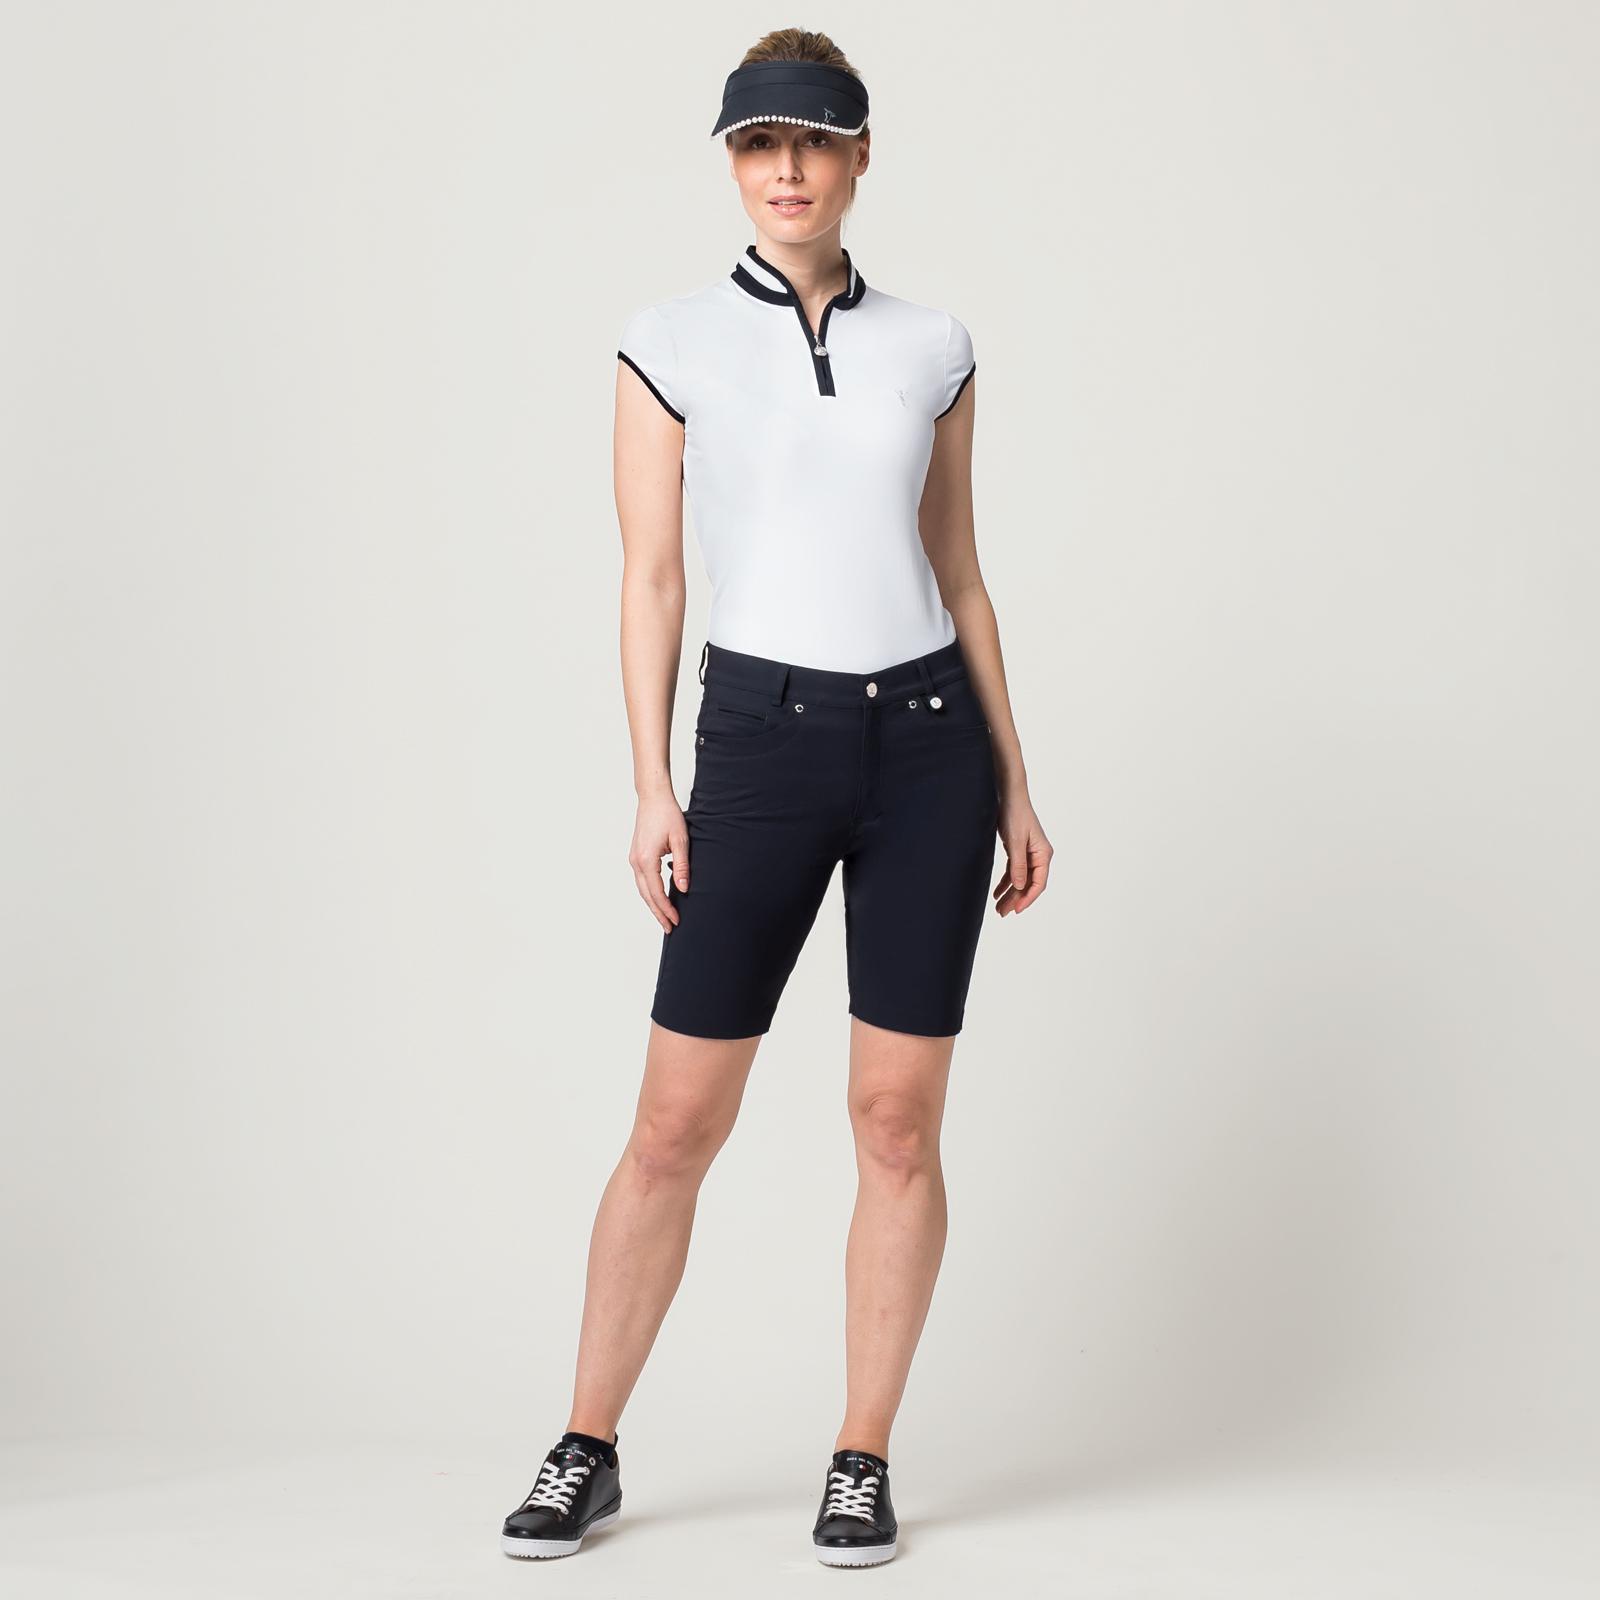 Damen Golf-Bermuda aus Stretch-Material in mittlerer Länge und Slim Fit